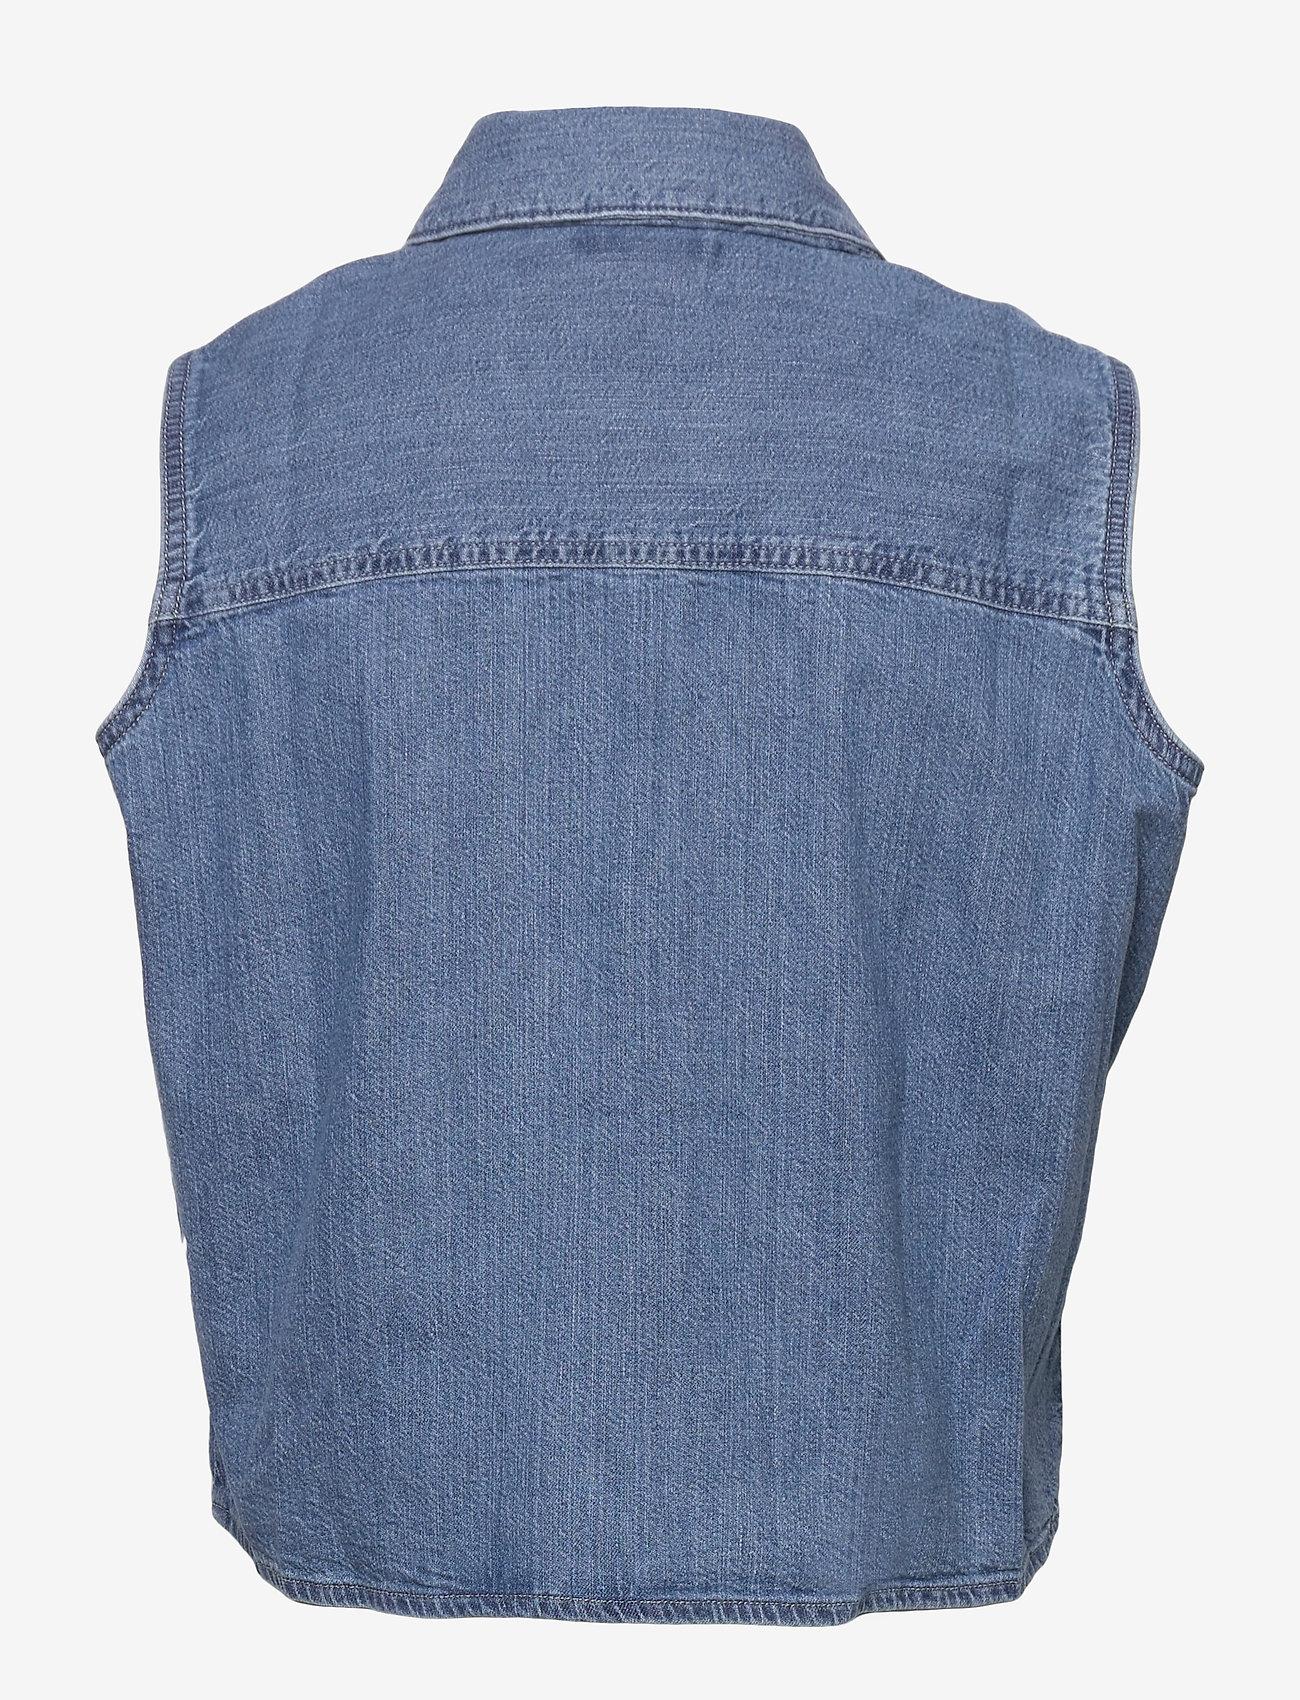 LEVI´S Women - RUMI BTTN SHIRT GDAY MATE - denimskjorter - med indigo - worn in - 1